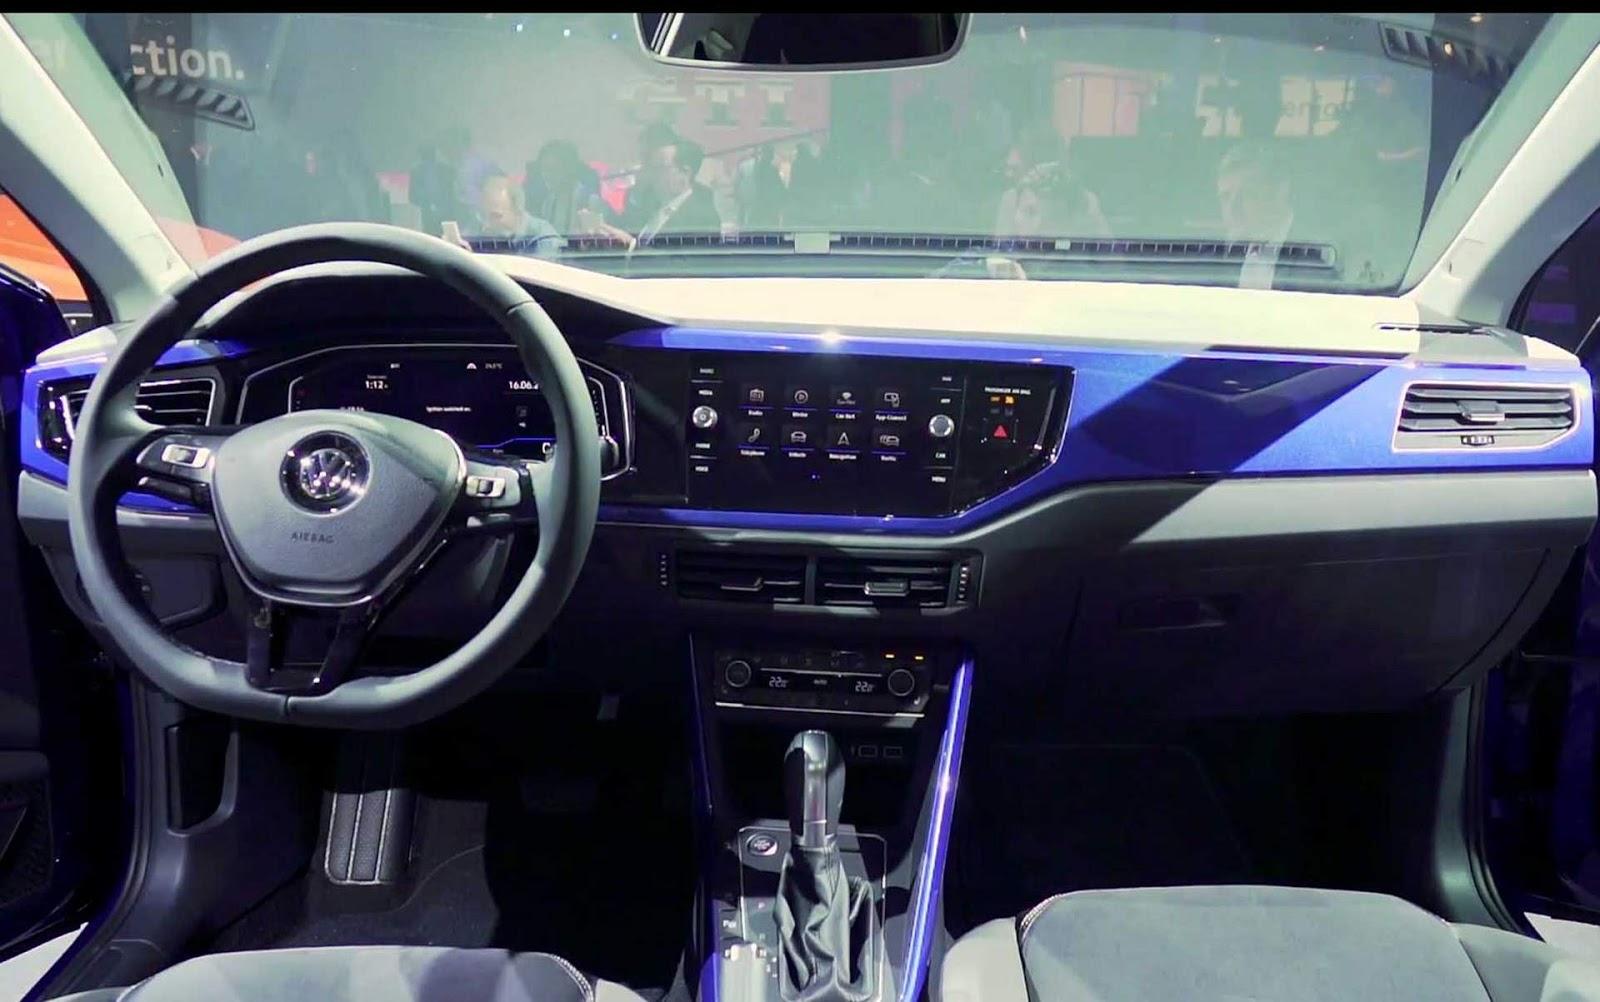 VW Up GTI Der Kleine Bodybuilder Article20245463 also Watch besides Teste Toyota Yaris Hatch Xls Atrasado E Tecnologico also Volkswagen Golf R Estate Uk Drive Pictures also . on vw golf 5 gti